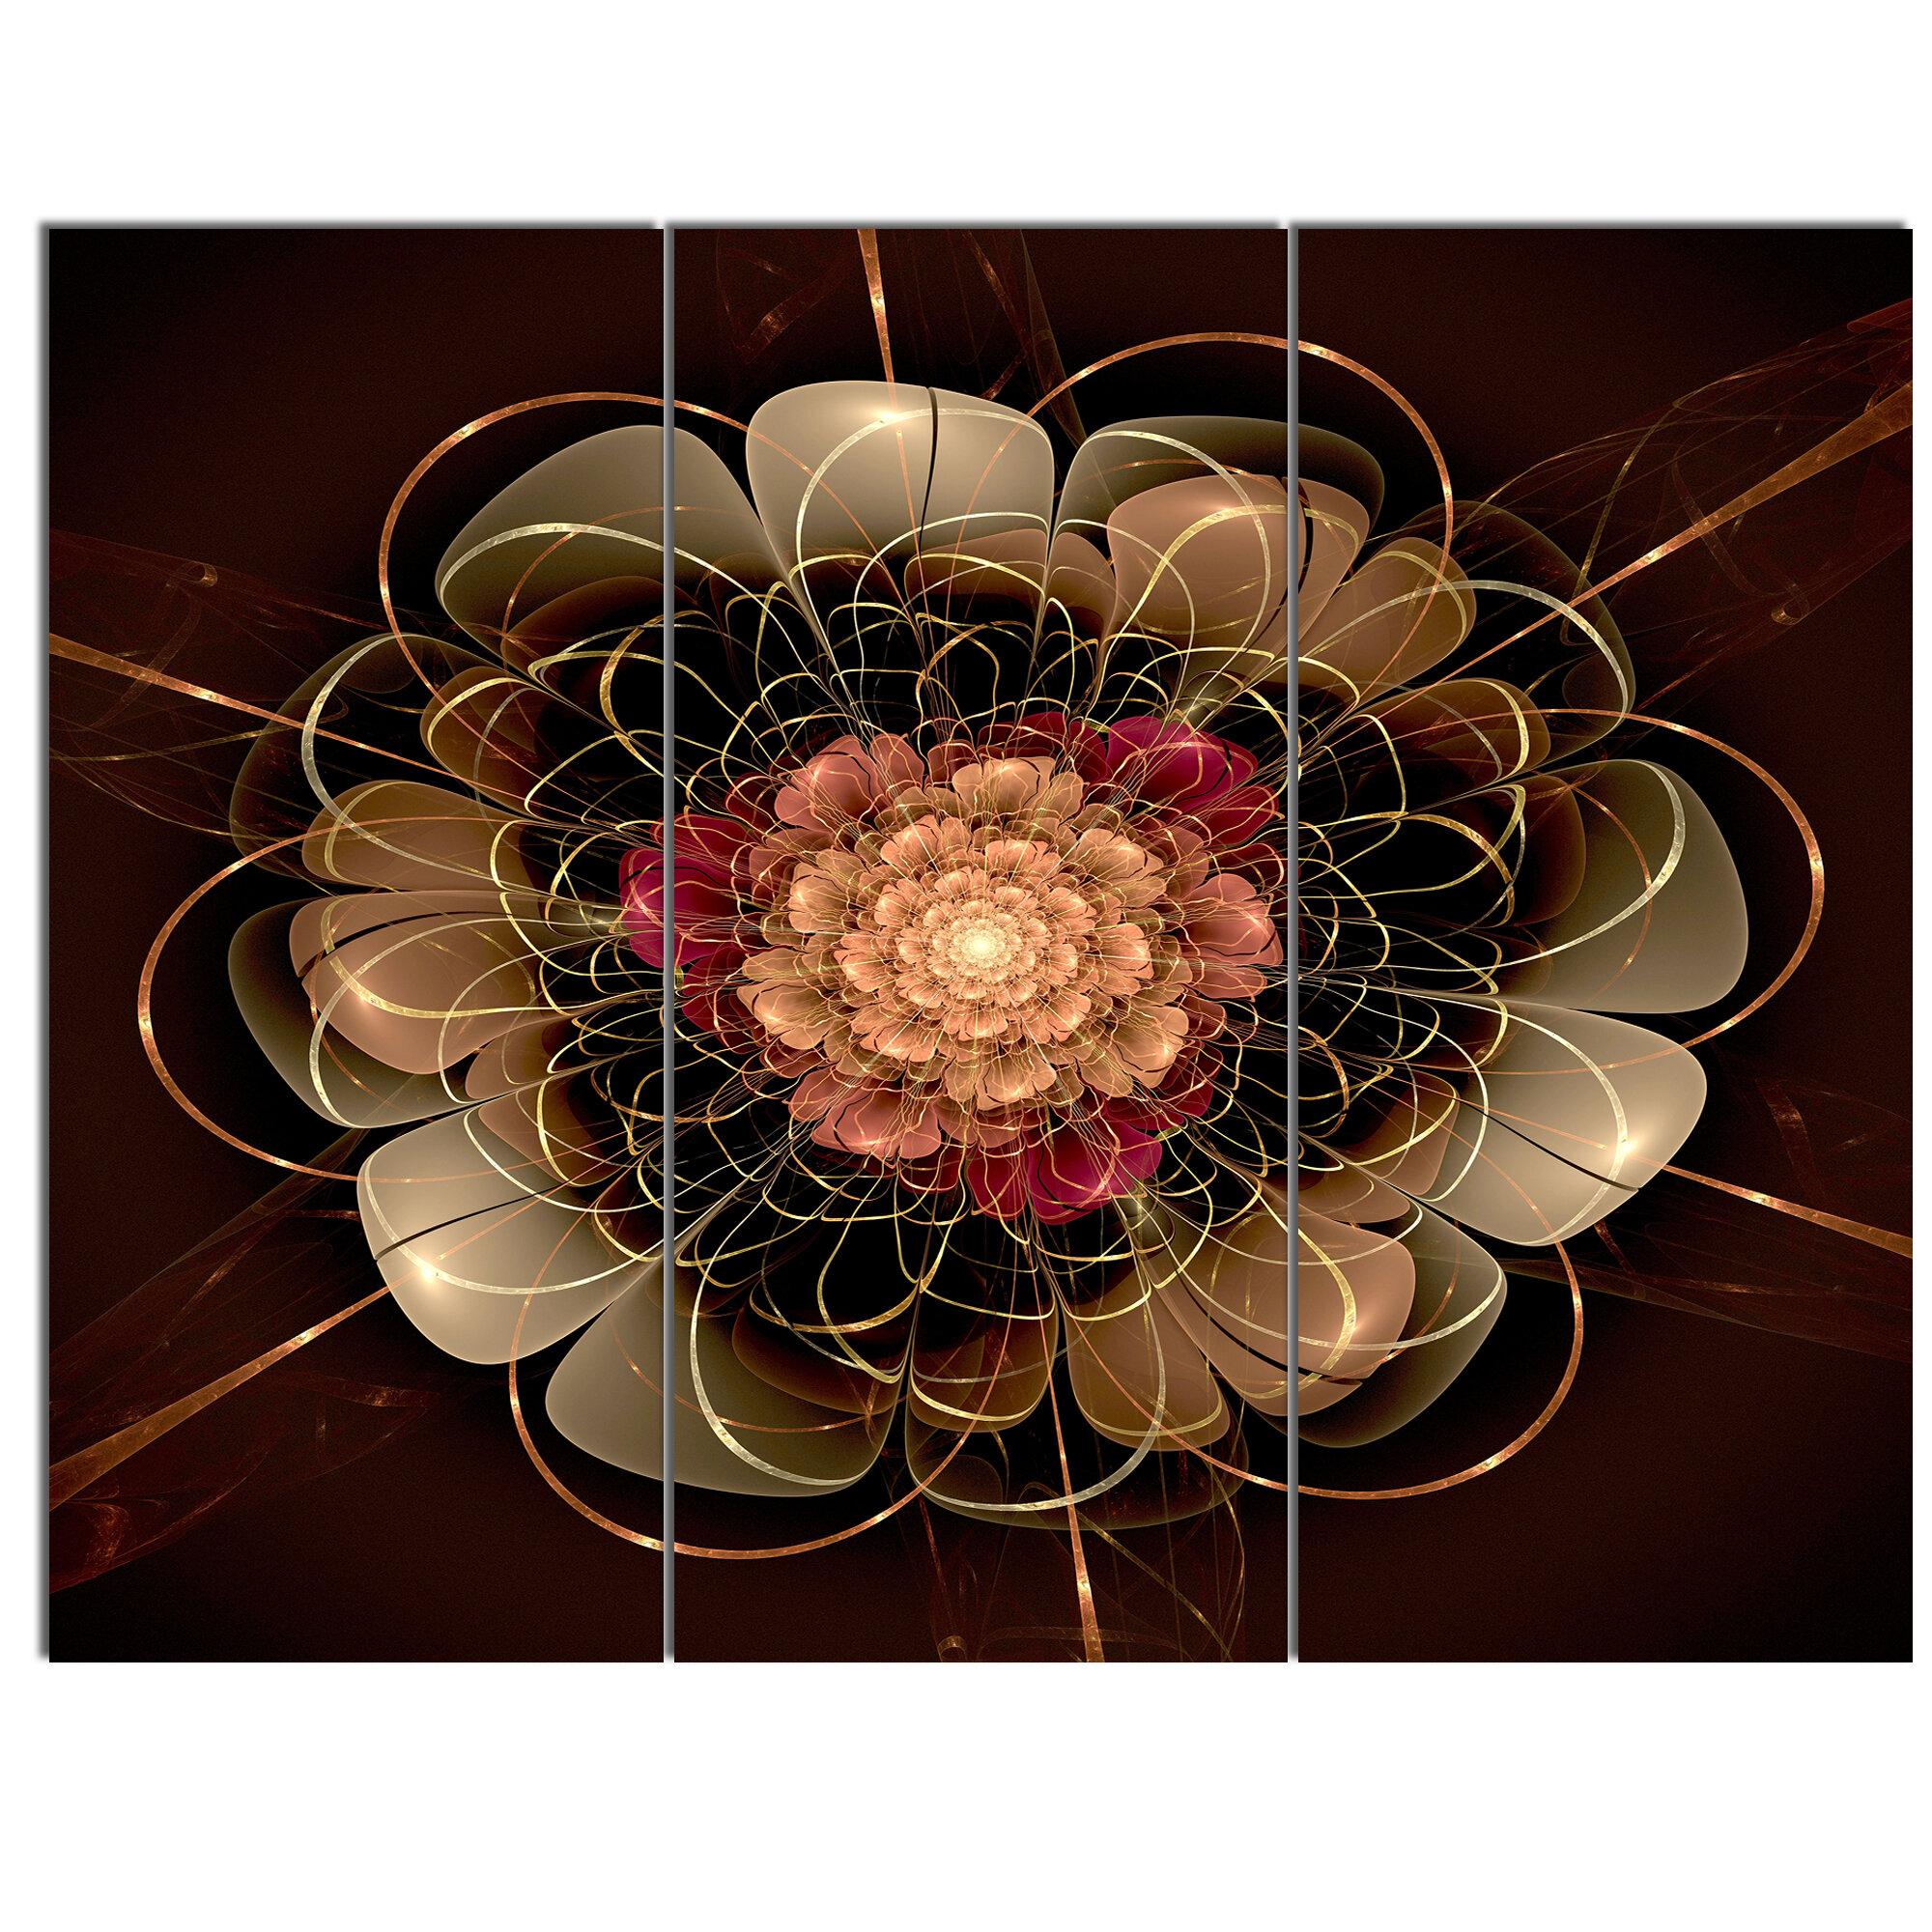 Designart Dark Gold Red Fractal Flower Pattern 3 Piece Graphic Art On Wrapped Canvas Set Wayfair